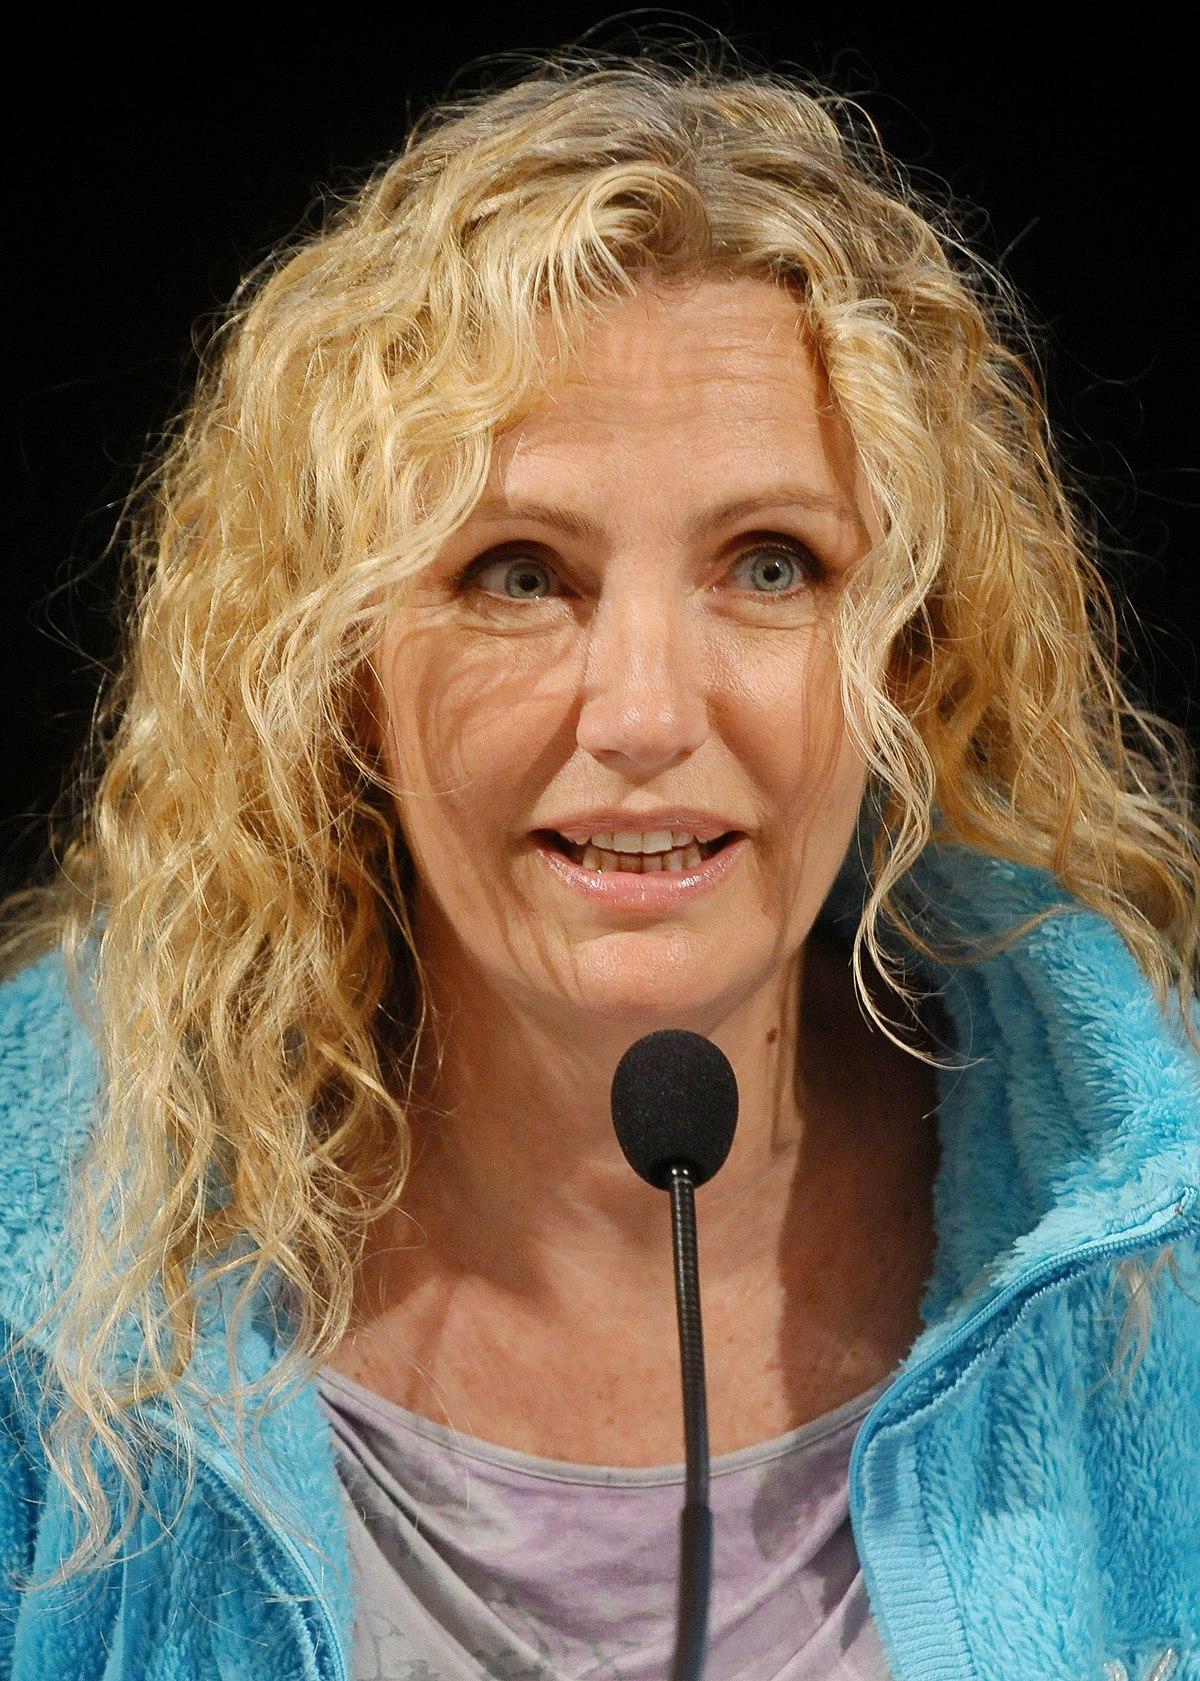 Licia Colò - Wikipedia